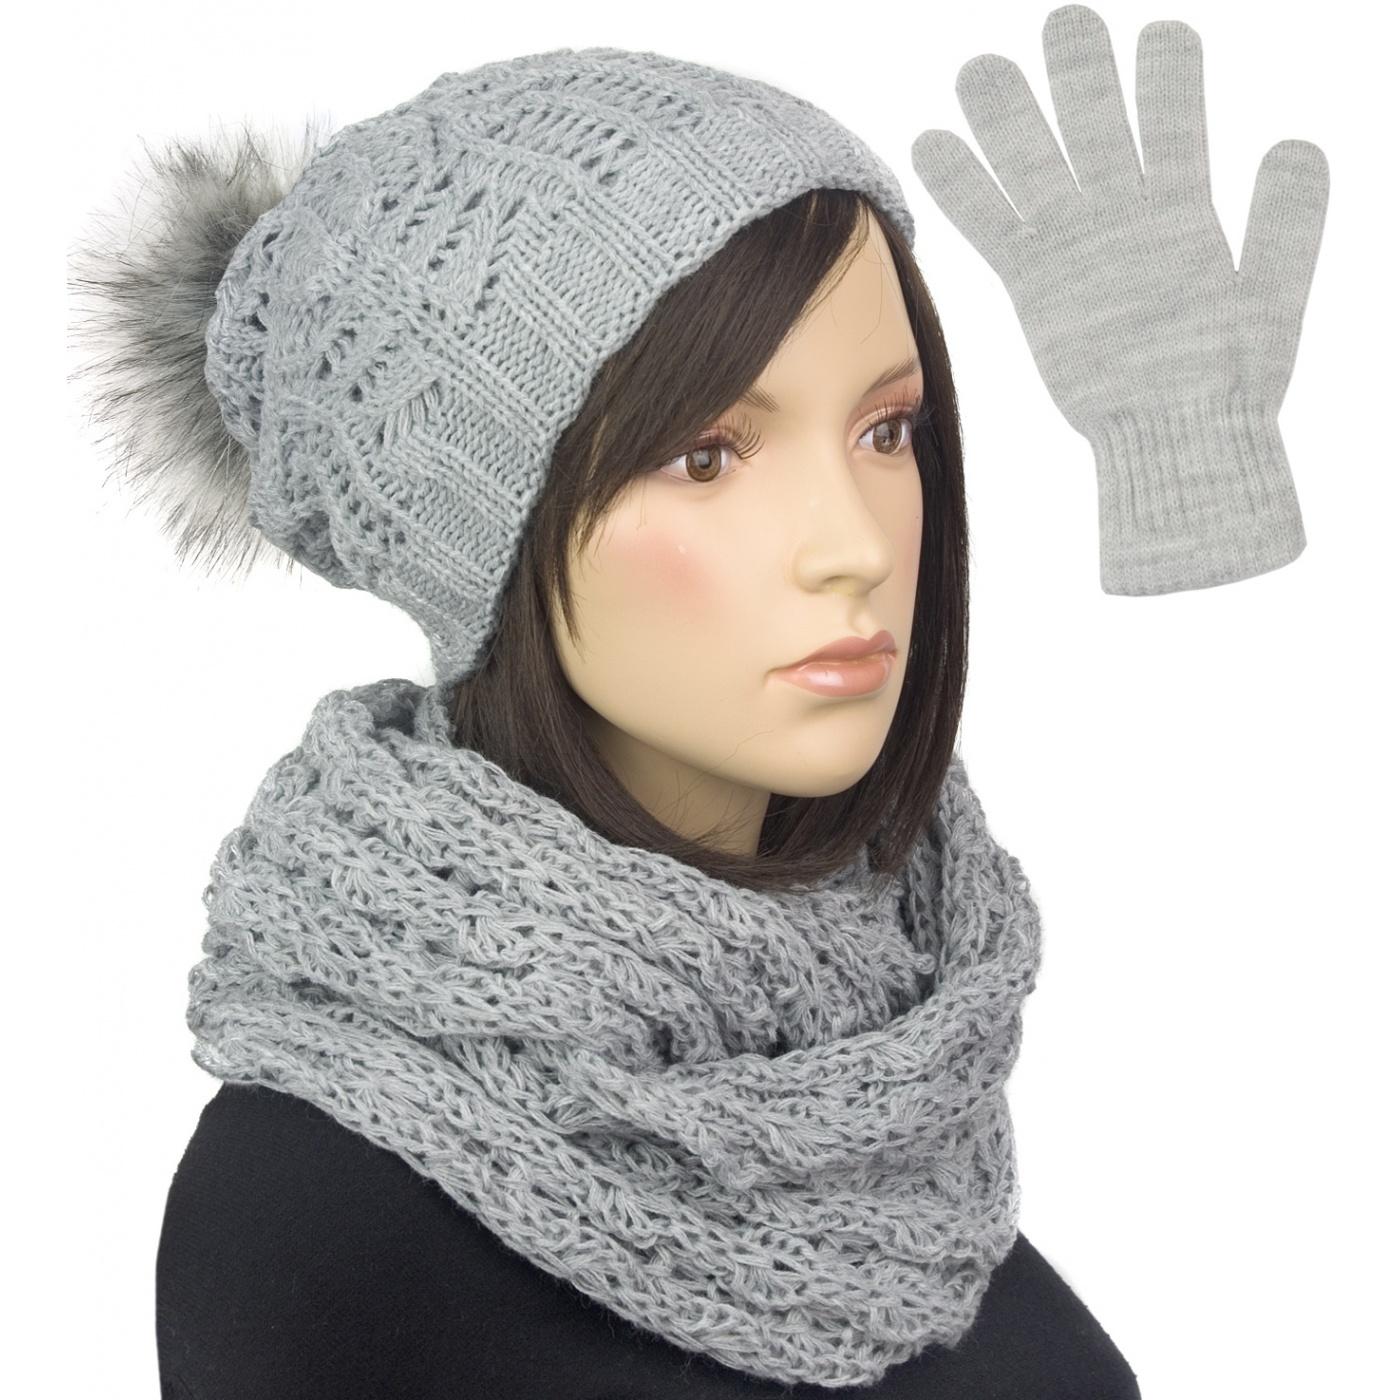 Damski komplet czapka krasnal z pomponem, szalik komin i rękawiczki : szary